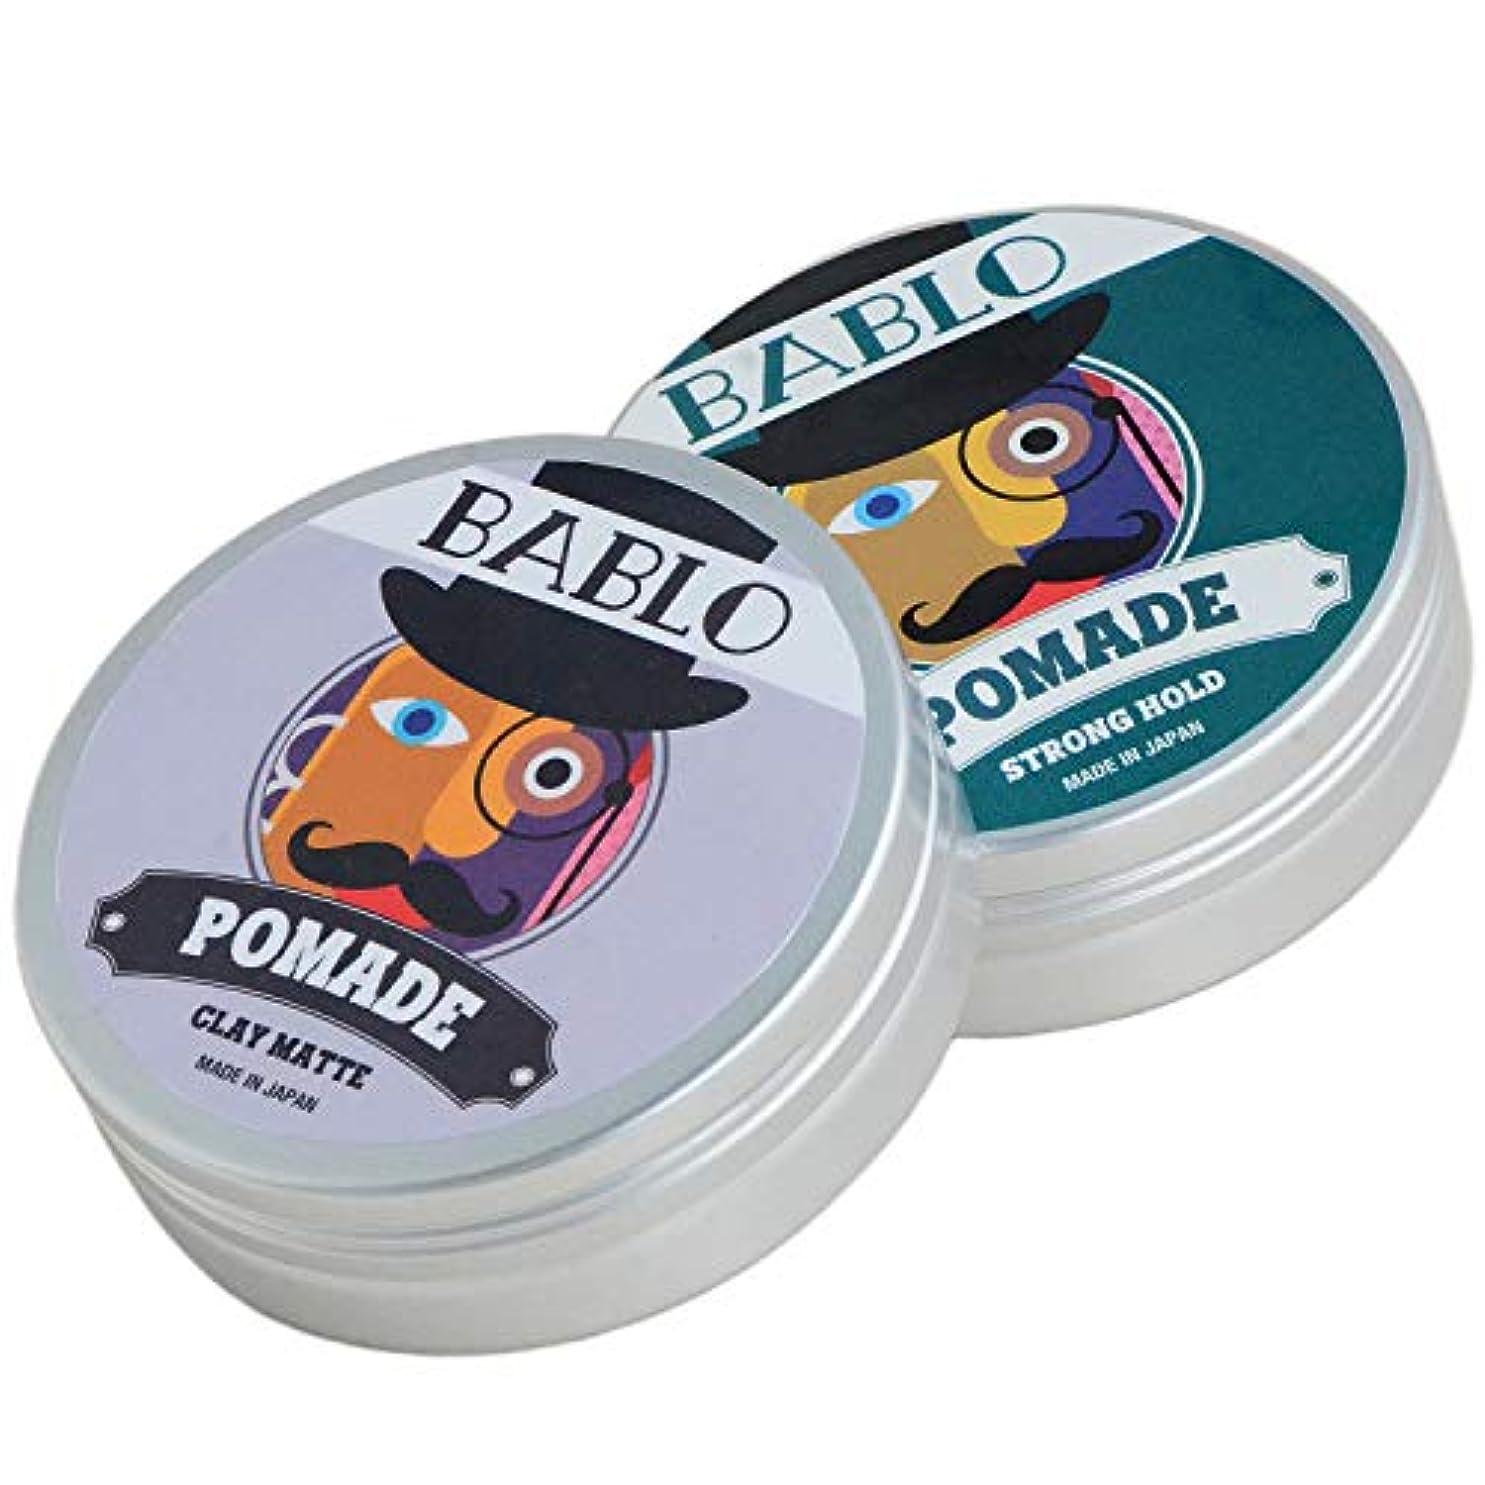 漏斗少ないマニアバブロ ポマード クレイマット & ストロングホールド セット ヘアワックス メンズ 整髪料 水性 ヘアグリース